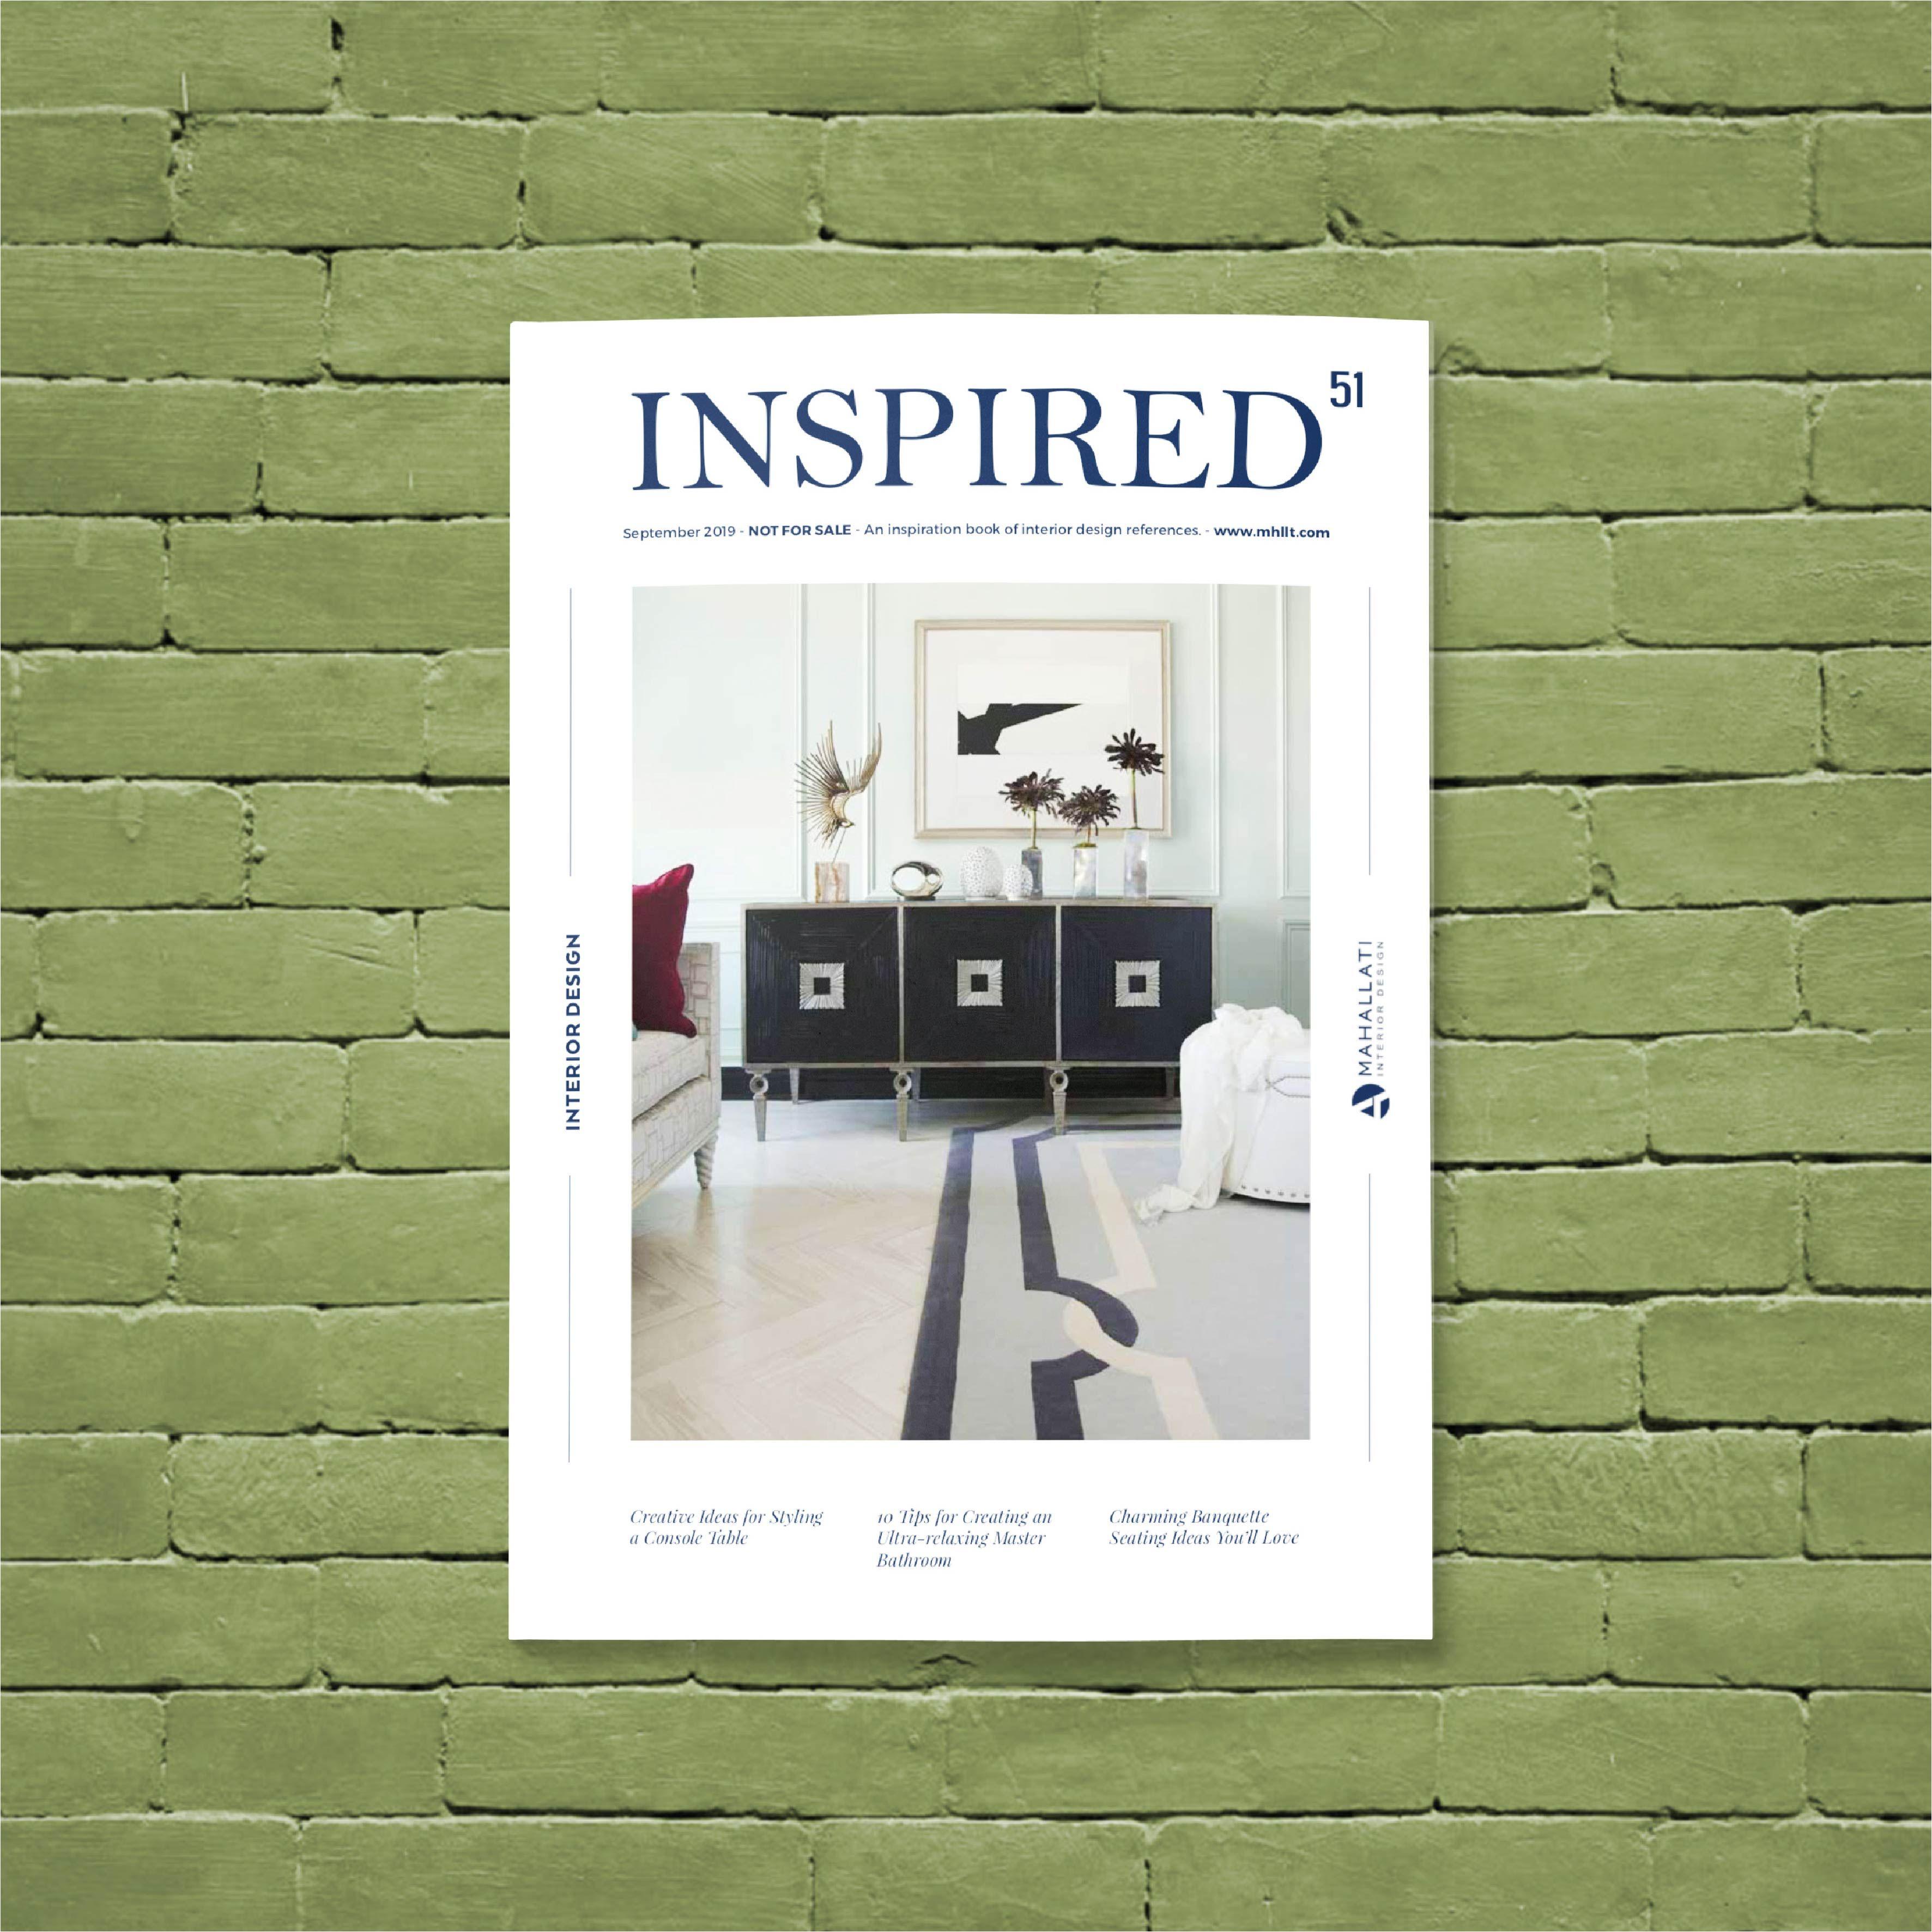 Inspired Magazine Vol 51 September 2019 Free Download Inspiration Design Reference Design